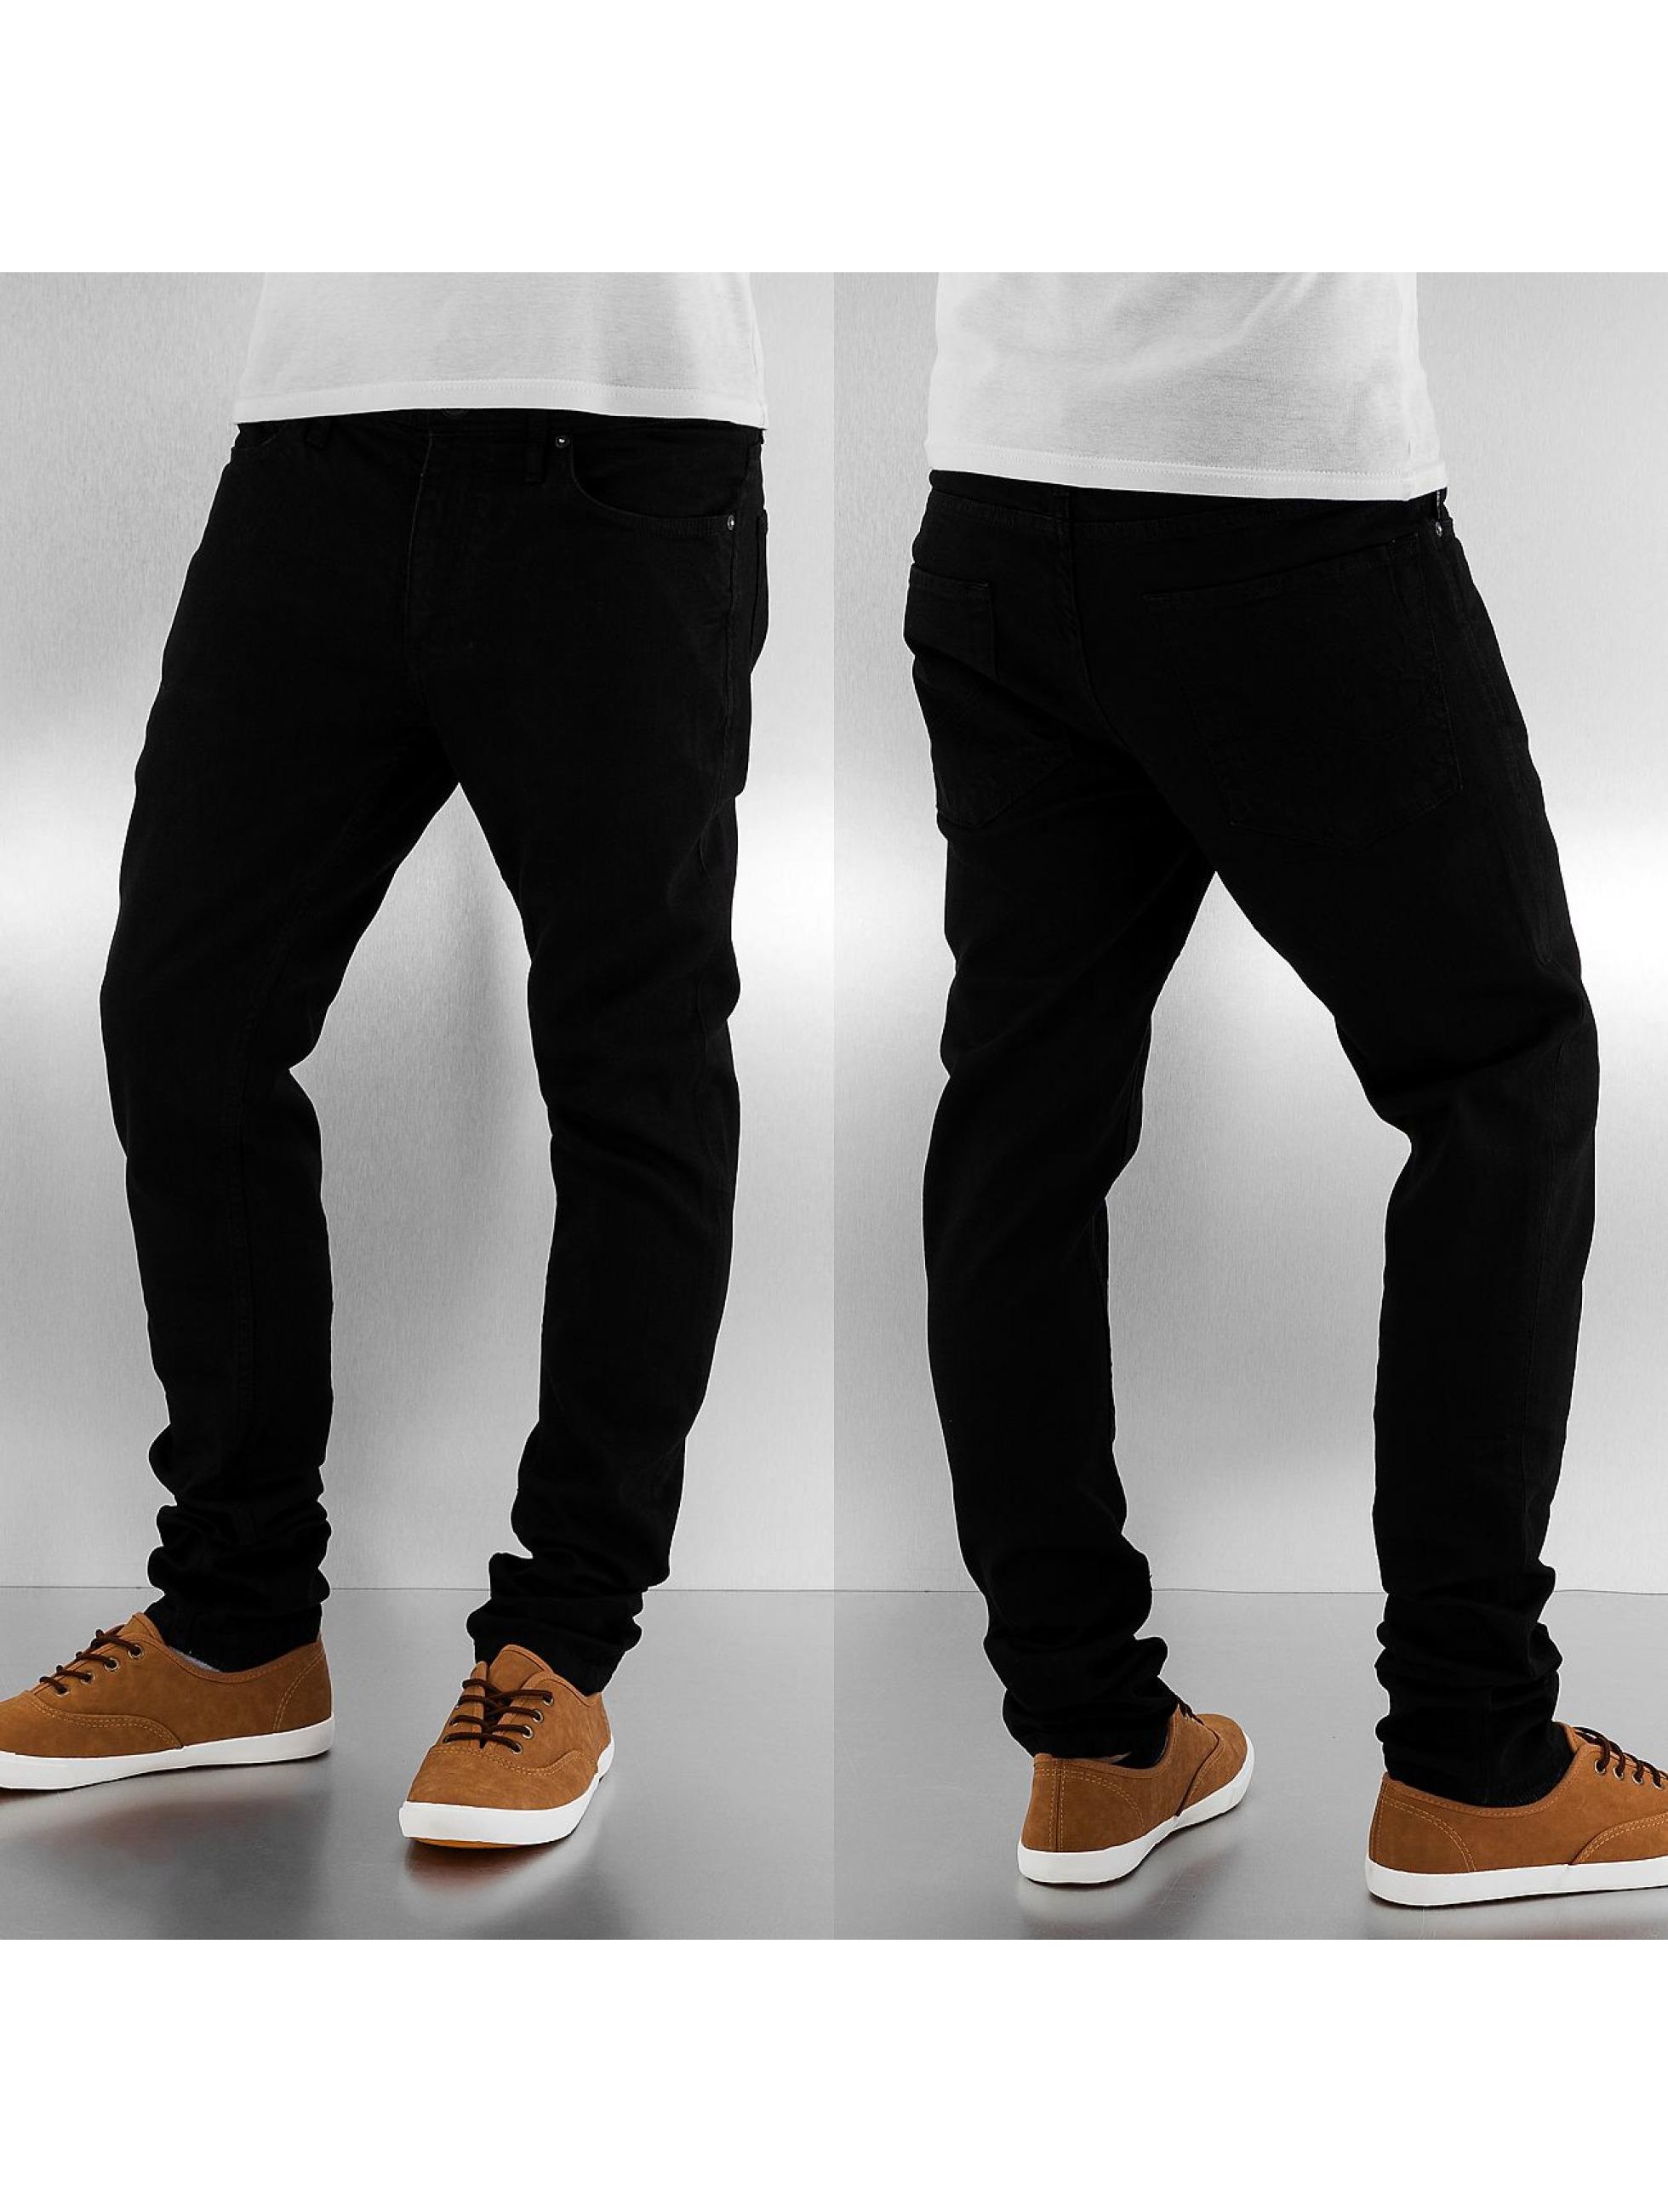 jack jones jeans skinny jeans ben original sc 616 in. Black Bedroom Furniture Sets. Home Design Ideas